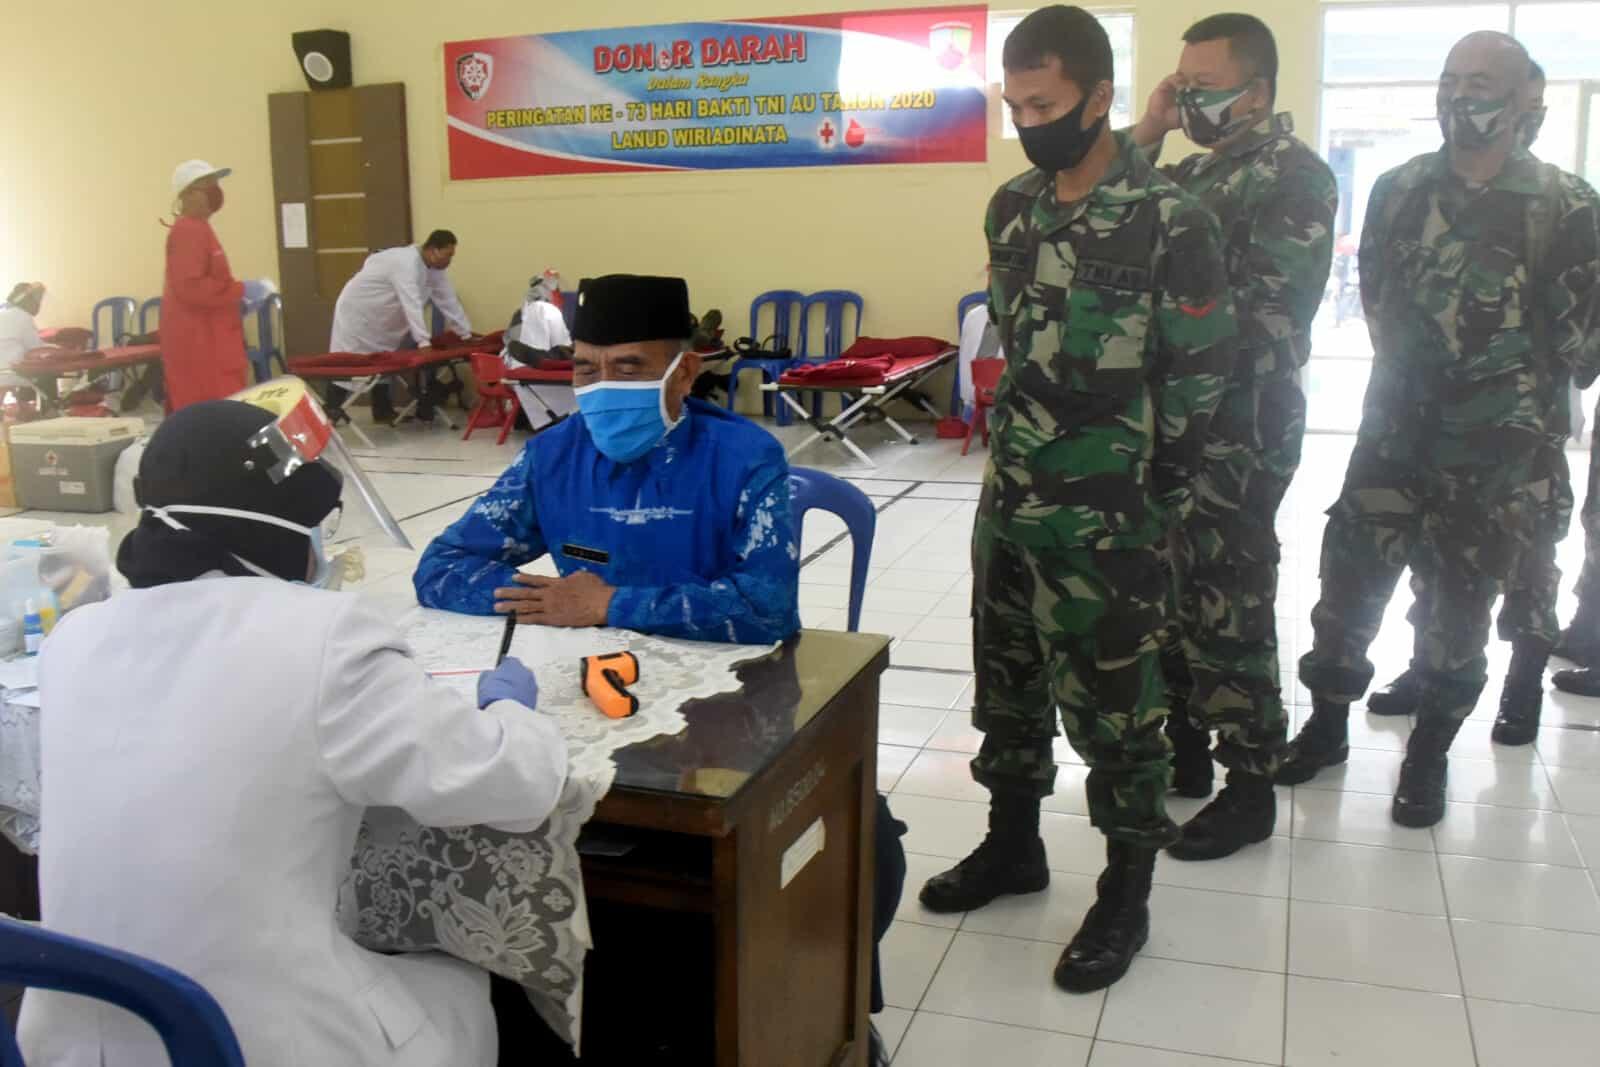 Donor Darah Peringatan Ke-73 Hari Bakti TNI AU di Lanud Wiriadinata